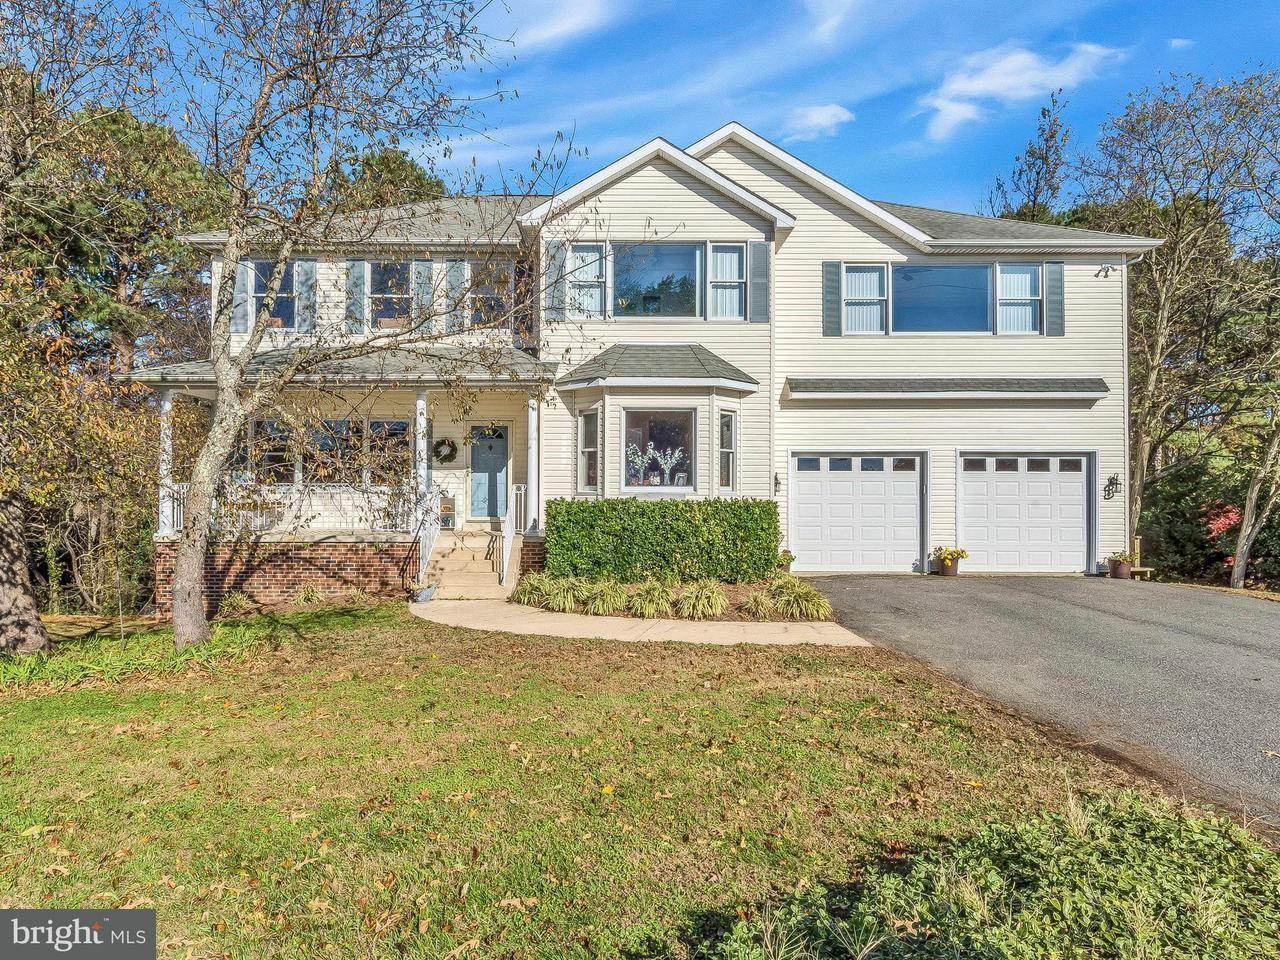 Maison unifamiliale pour l Vente à 414 Overlook Drive 414 Overlook Drive Lusby, Maryland 20657 États-Unis